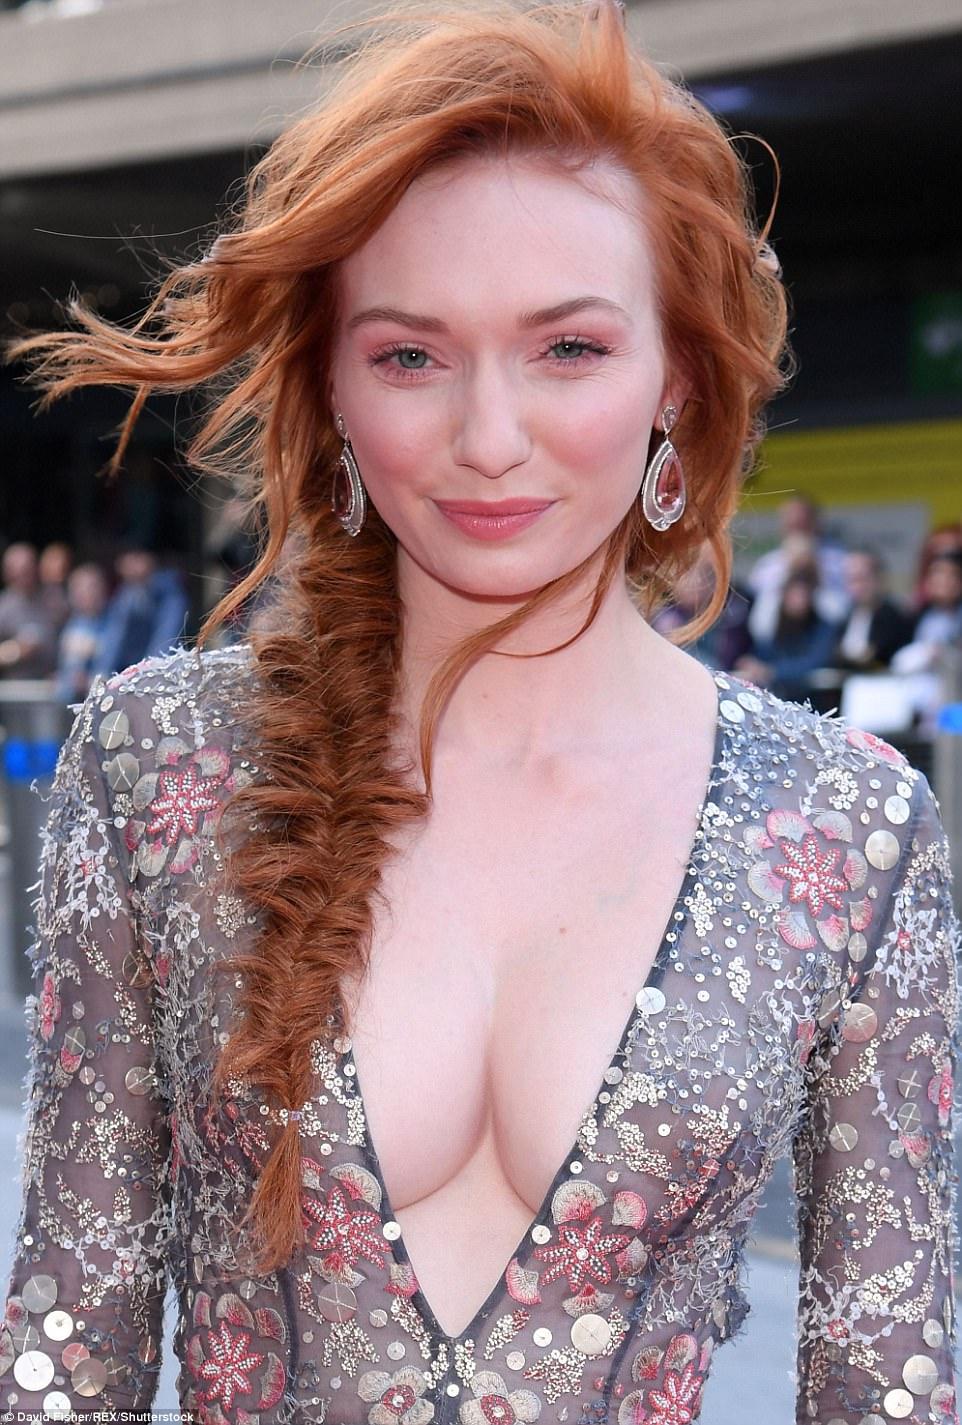 Fazendo uma declaração: Eleanor tomou a mergulhar em um ousado, corte baixo vestido, indo braless no número sequinned